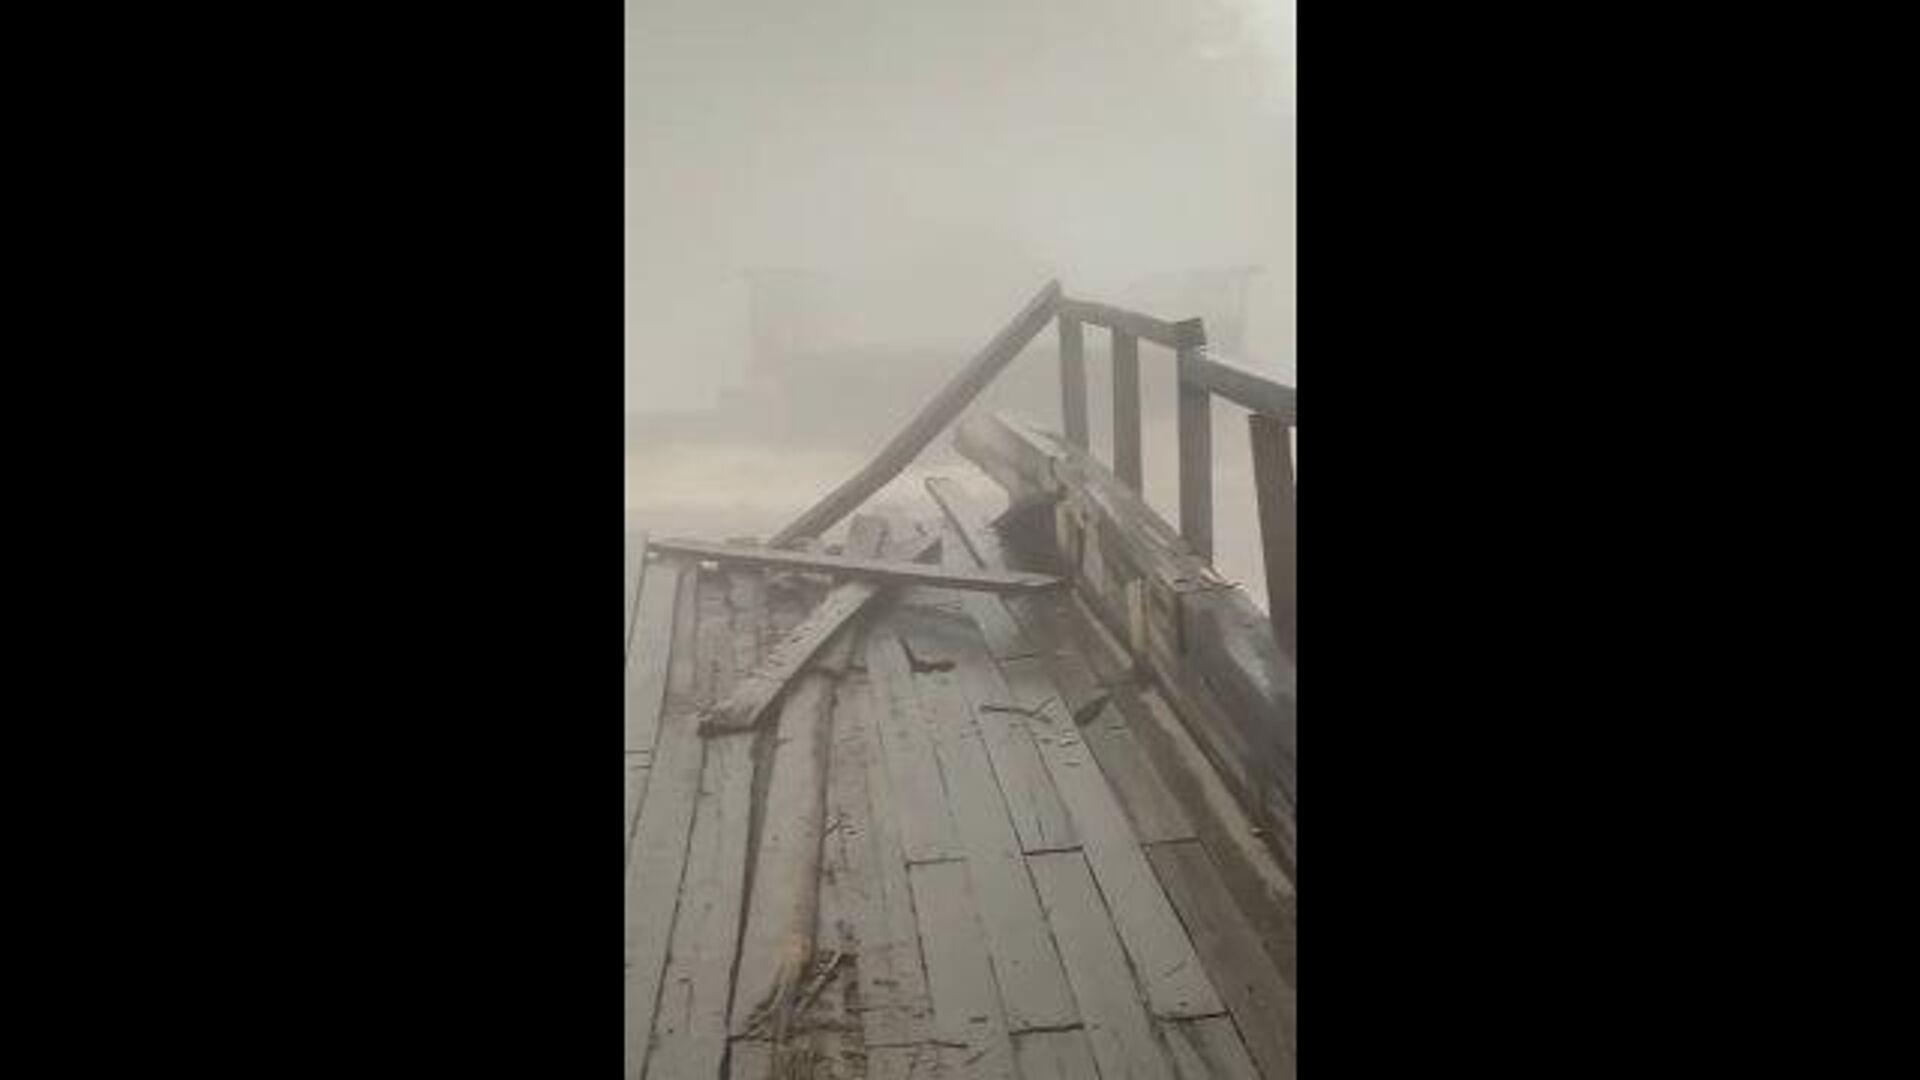 Кадры разрушенного паводком моста через реку Ургал в Хабаровском крае - РИА Новости, 1920, 16.07.2021